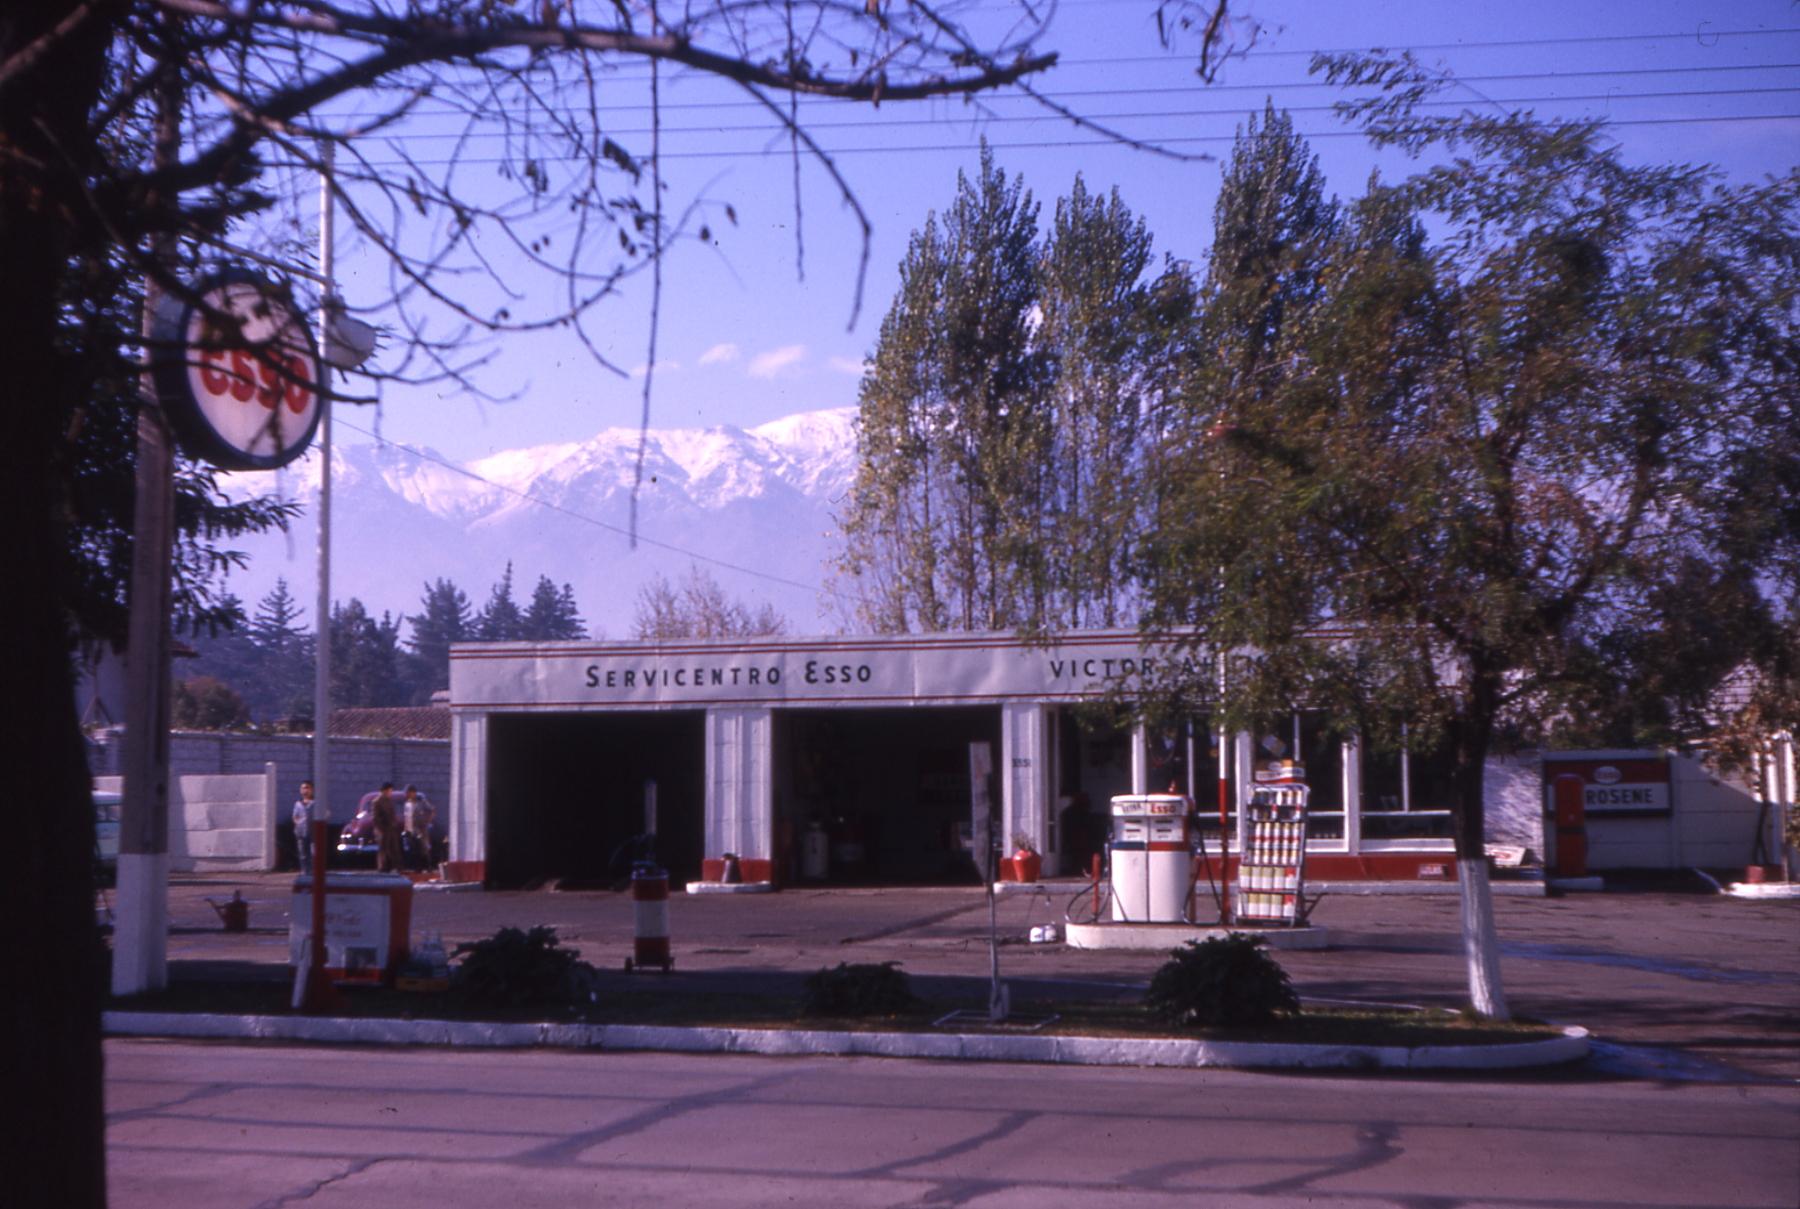 Enterreno - Fotos históricas de chile - fotos antiguas de Chile - Servicentro en Vitacura, 1963